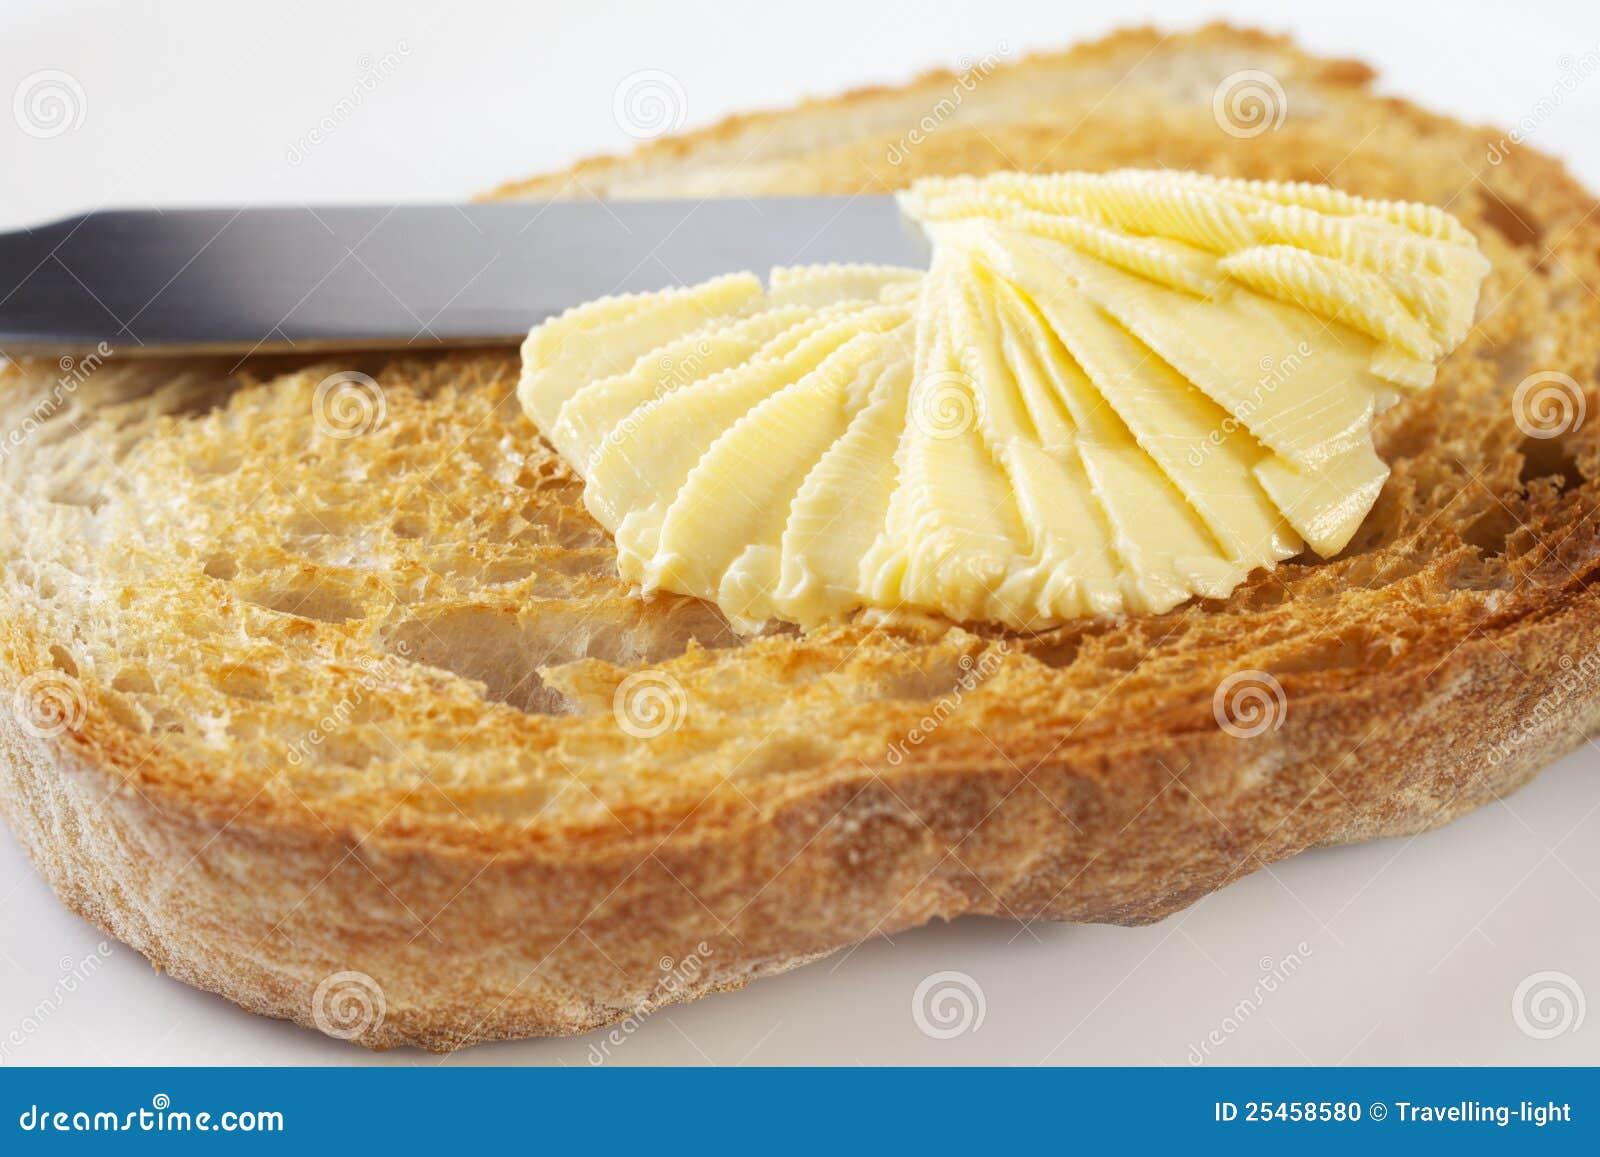 COUP DE GUEULE DU JOUR - Page 3 Margarine-et-pain-grill%C3%A9-mous-25458580